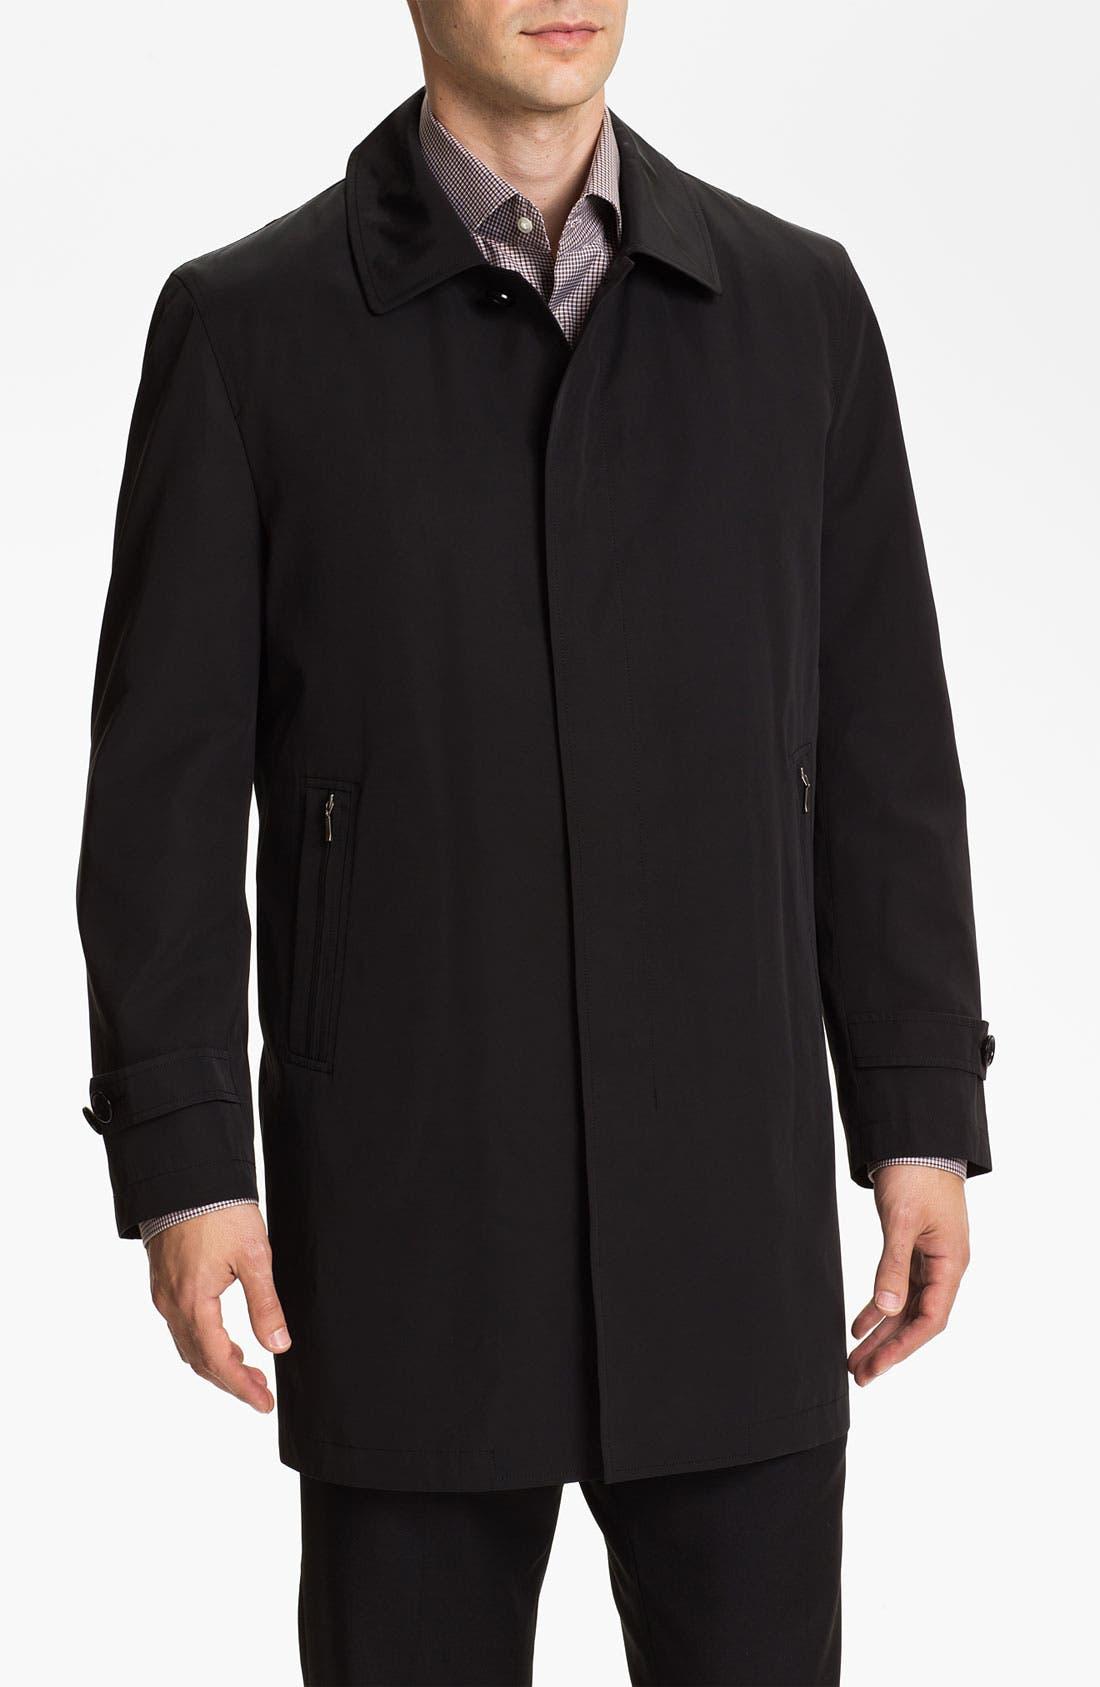 Main Image - Cardinal of Canada Car Coat